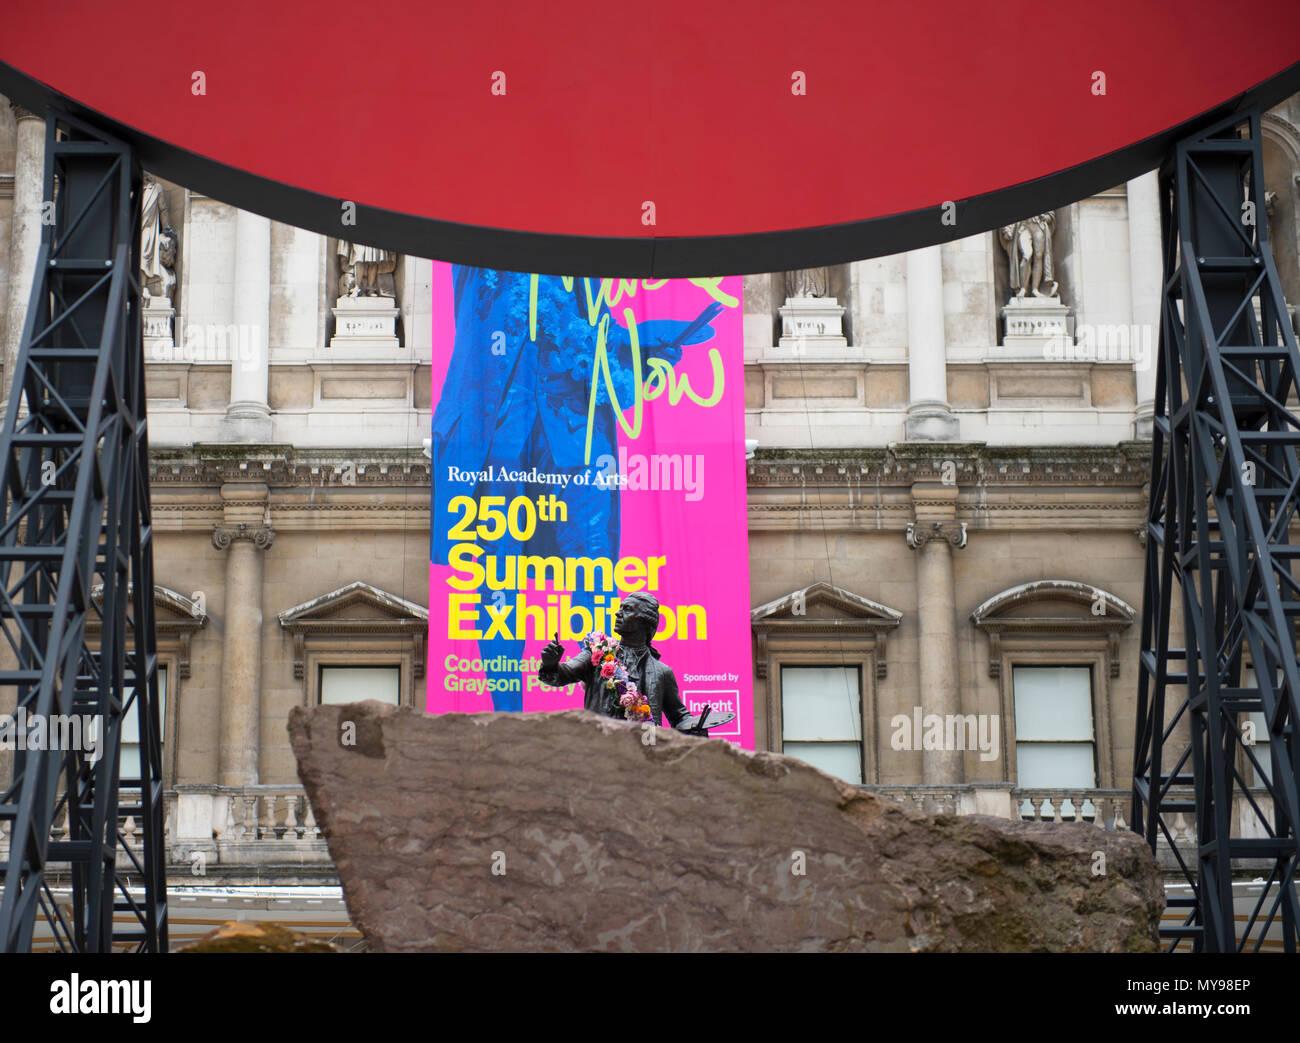 4 juin 2018. Monsieur Anish Kapoor RA sculpture, Symphonie pour une fille bien-aimée en 2018, dans la cour de l'Annenberg, Royal Academy of Arts. Photo Stock